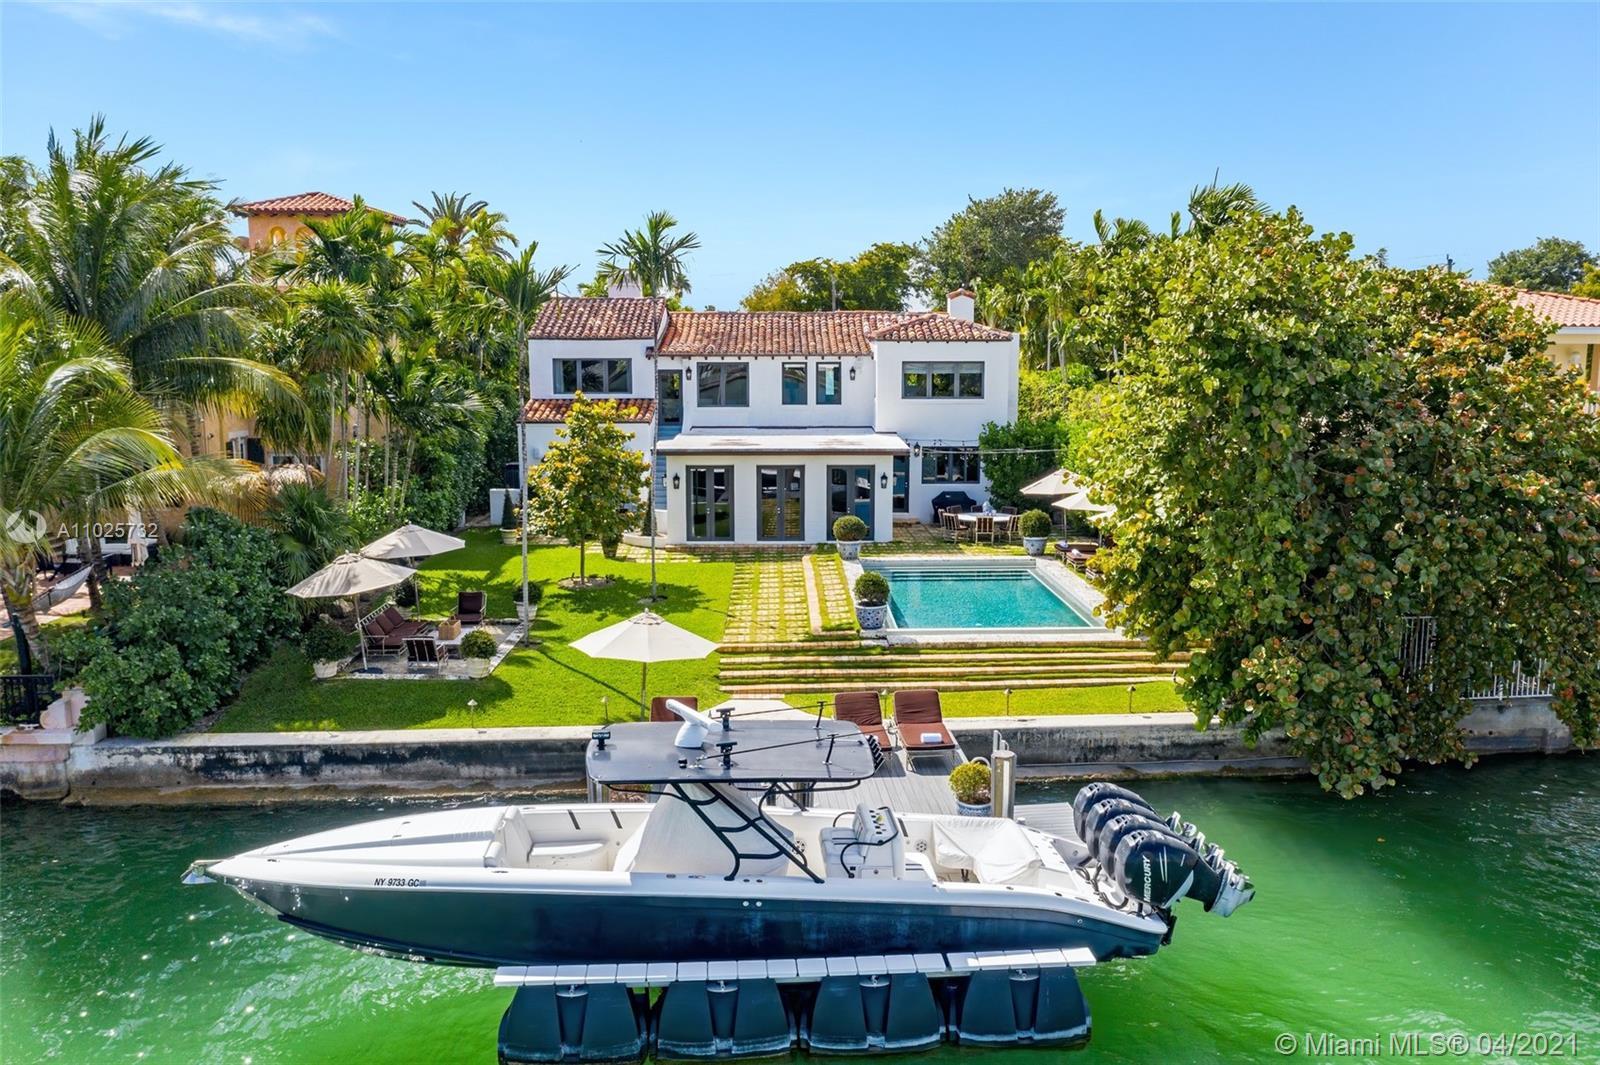 Beach View - 5955 Pine Tree Dr, Miami Beach, FL 33140